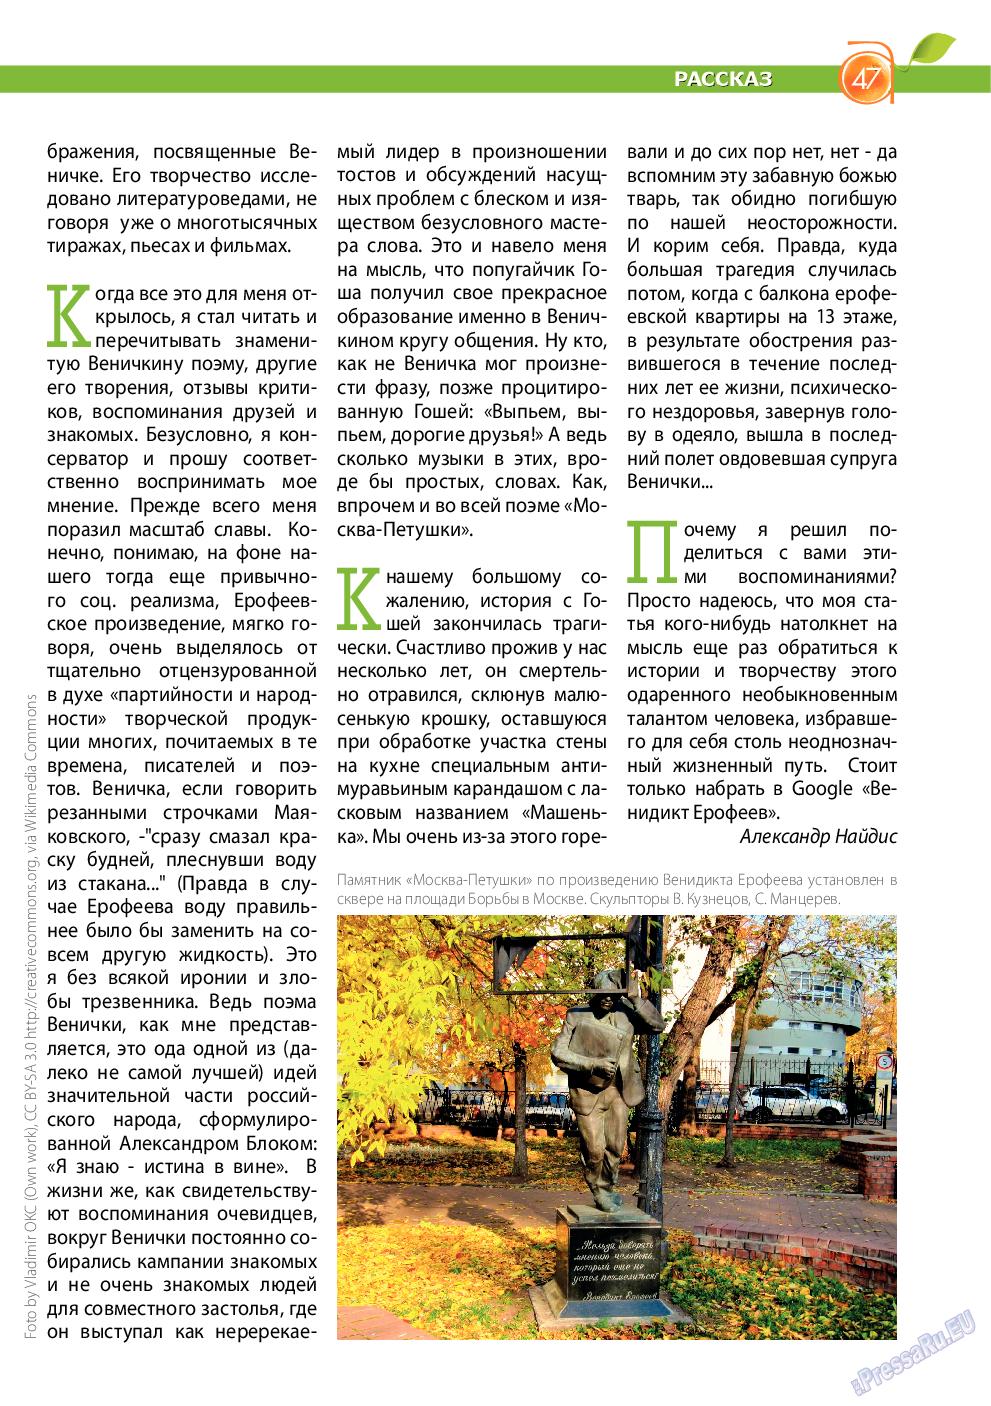 Апельсин (журнал). 2015 год, номер 66, стр. 47